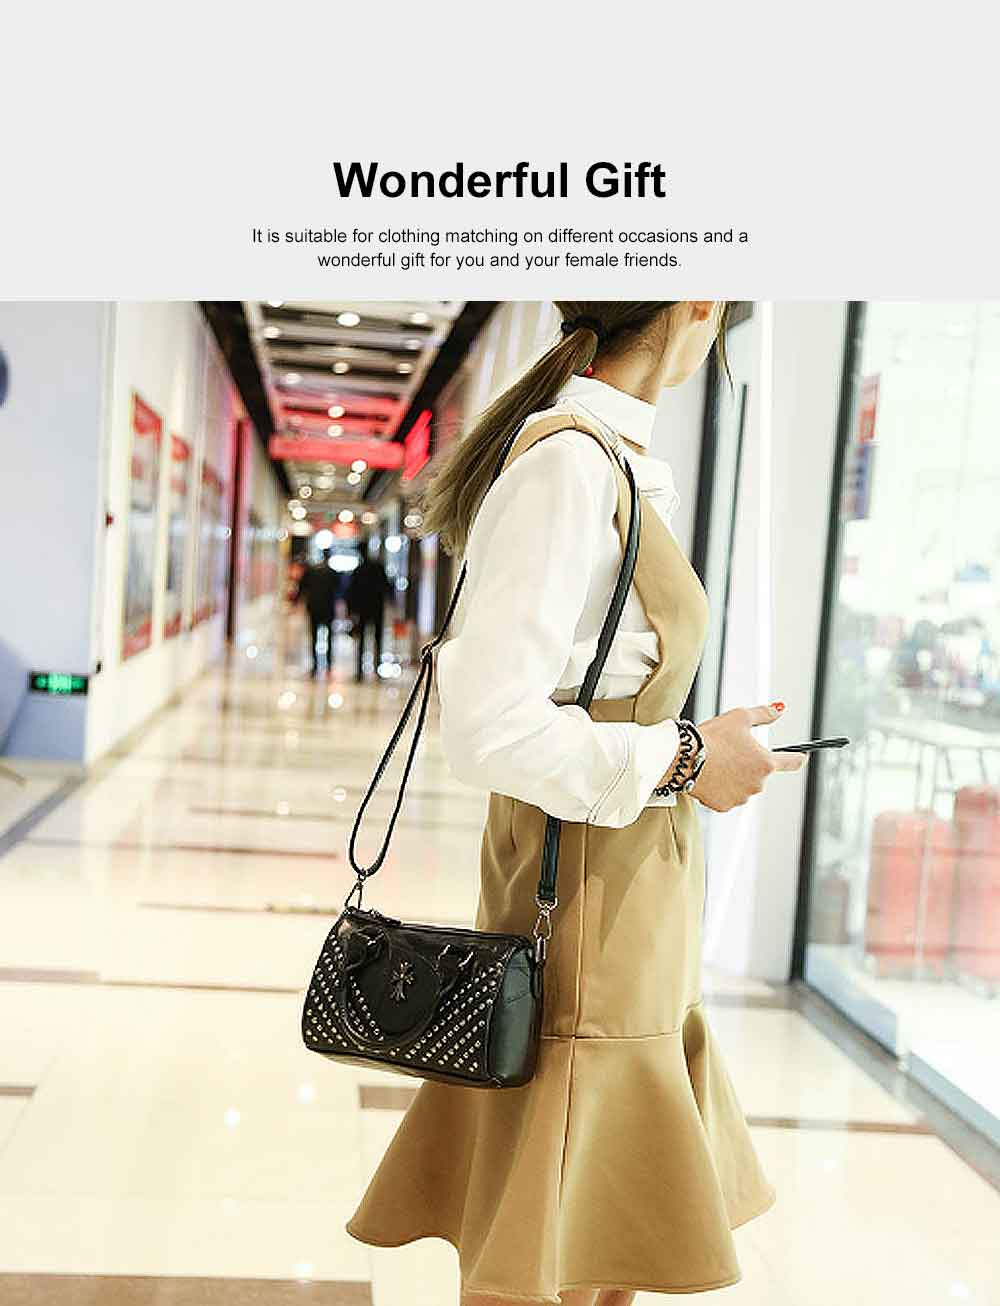 Sheepskin Small Square Bag, Fashion Round Hardware Rivets Shoulder Messenger Bag 6